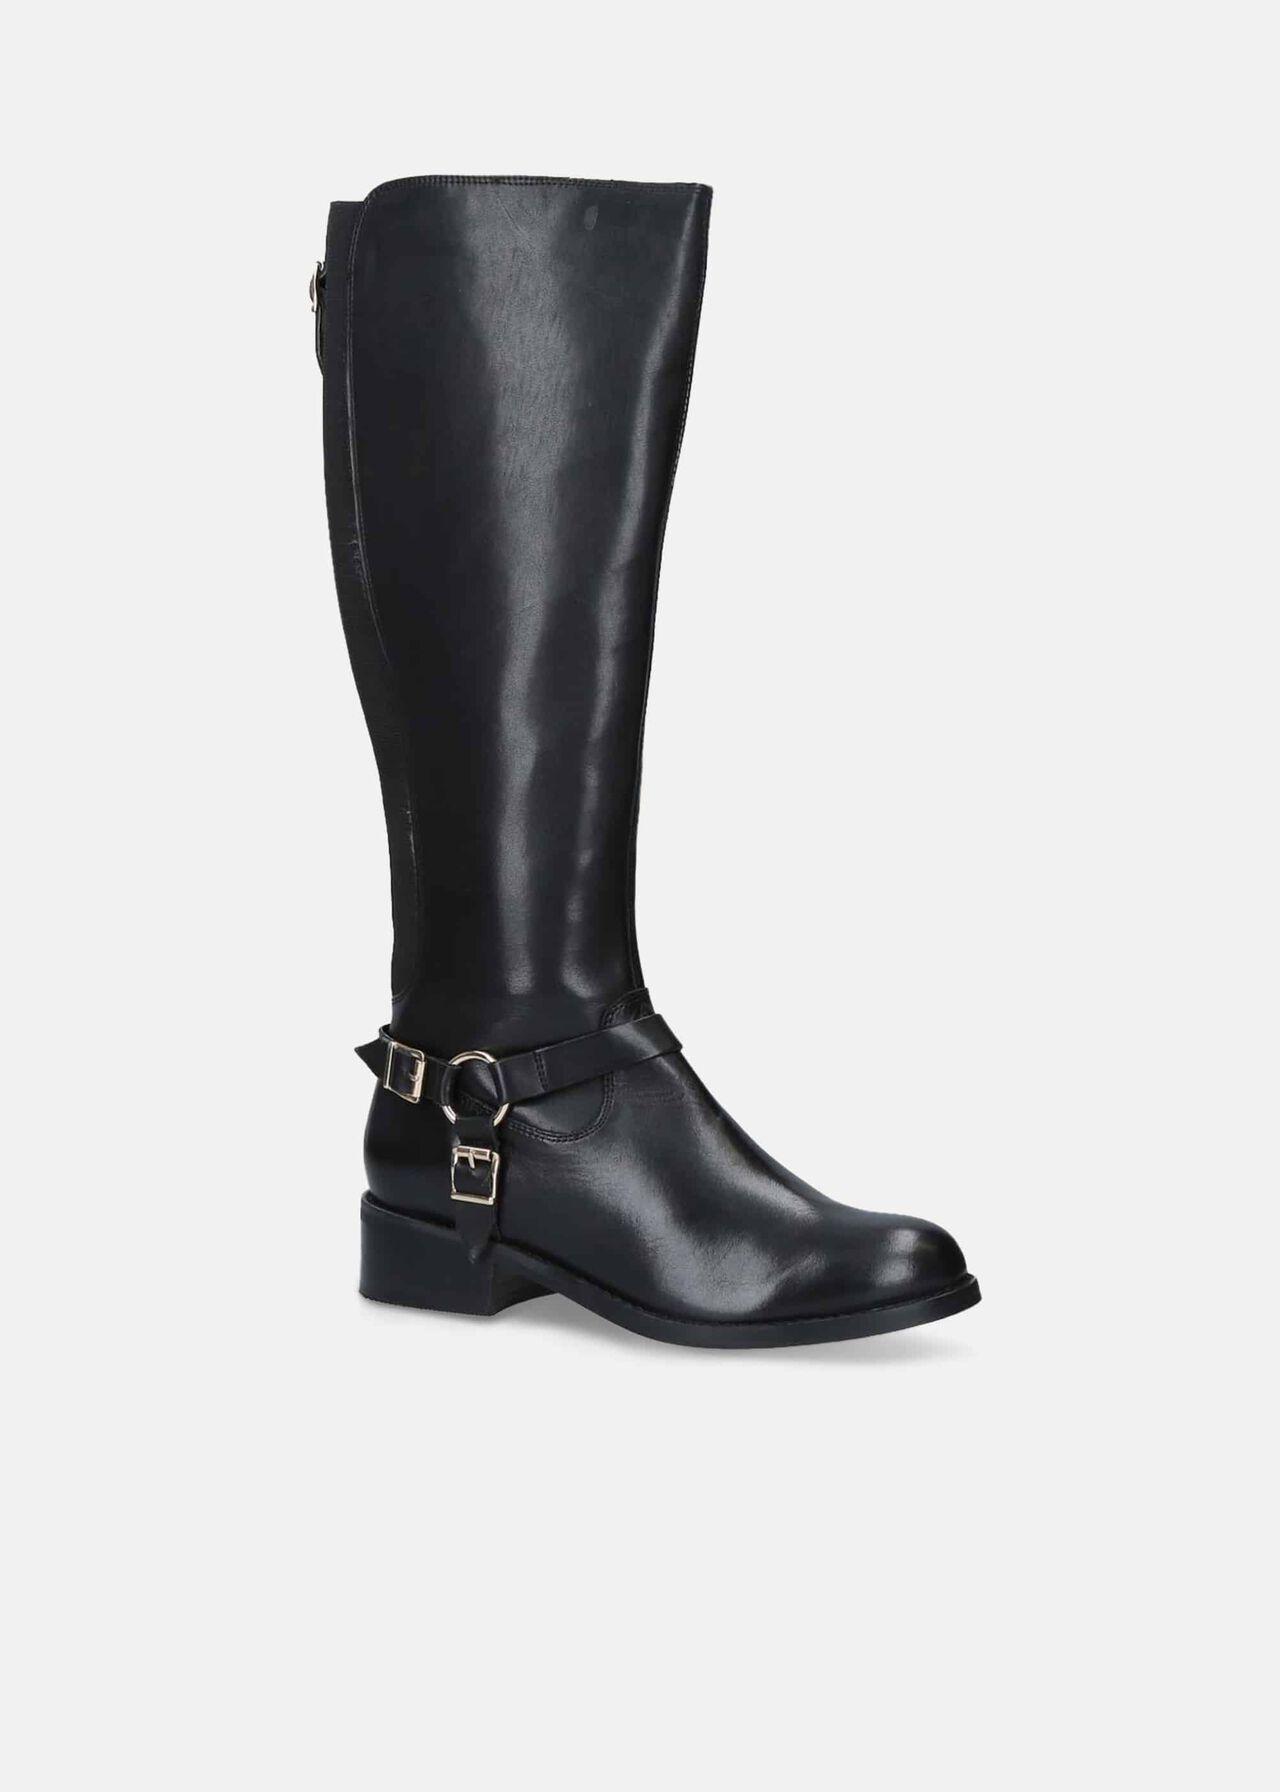 Petra Knee High Boot